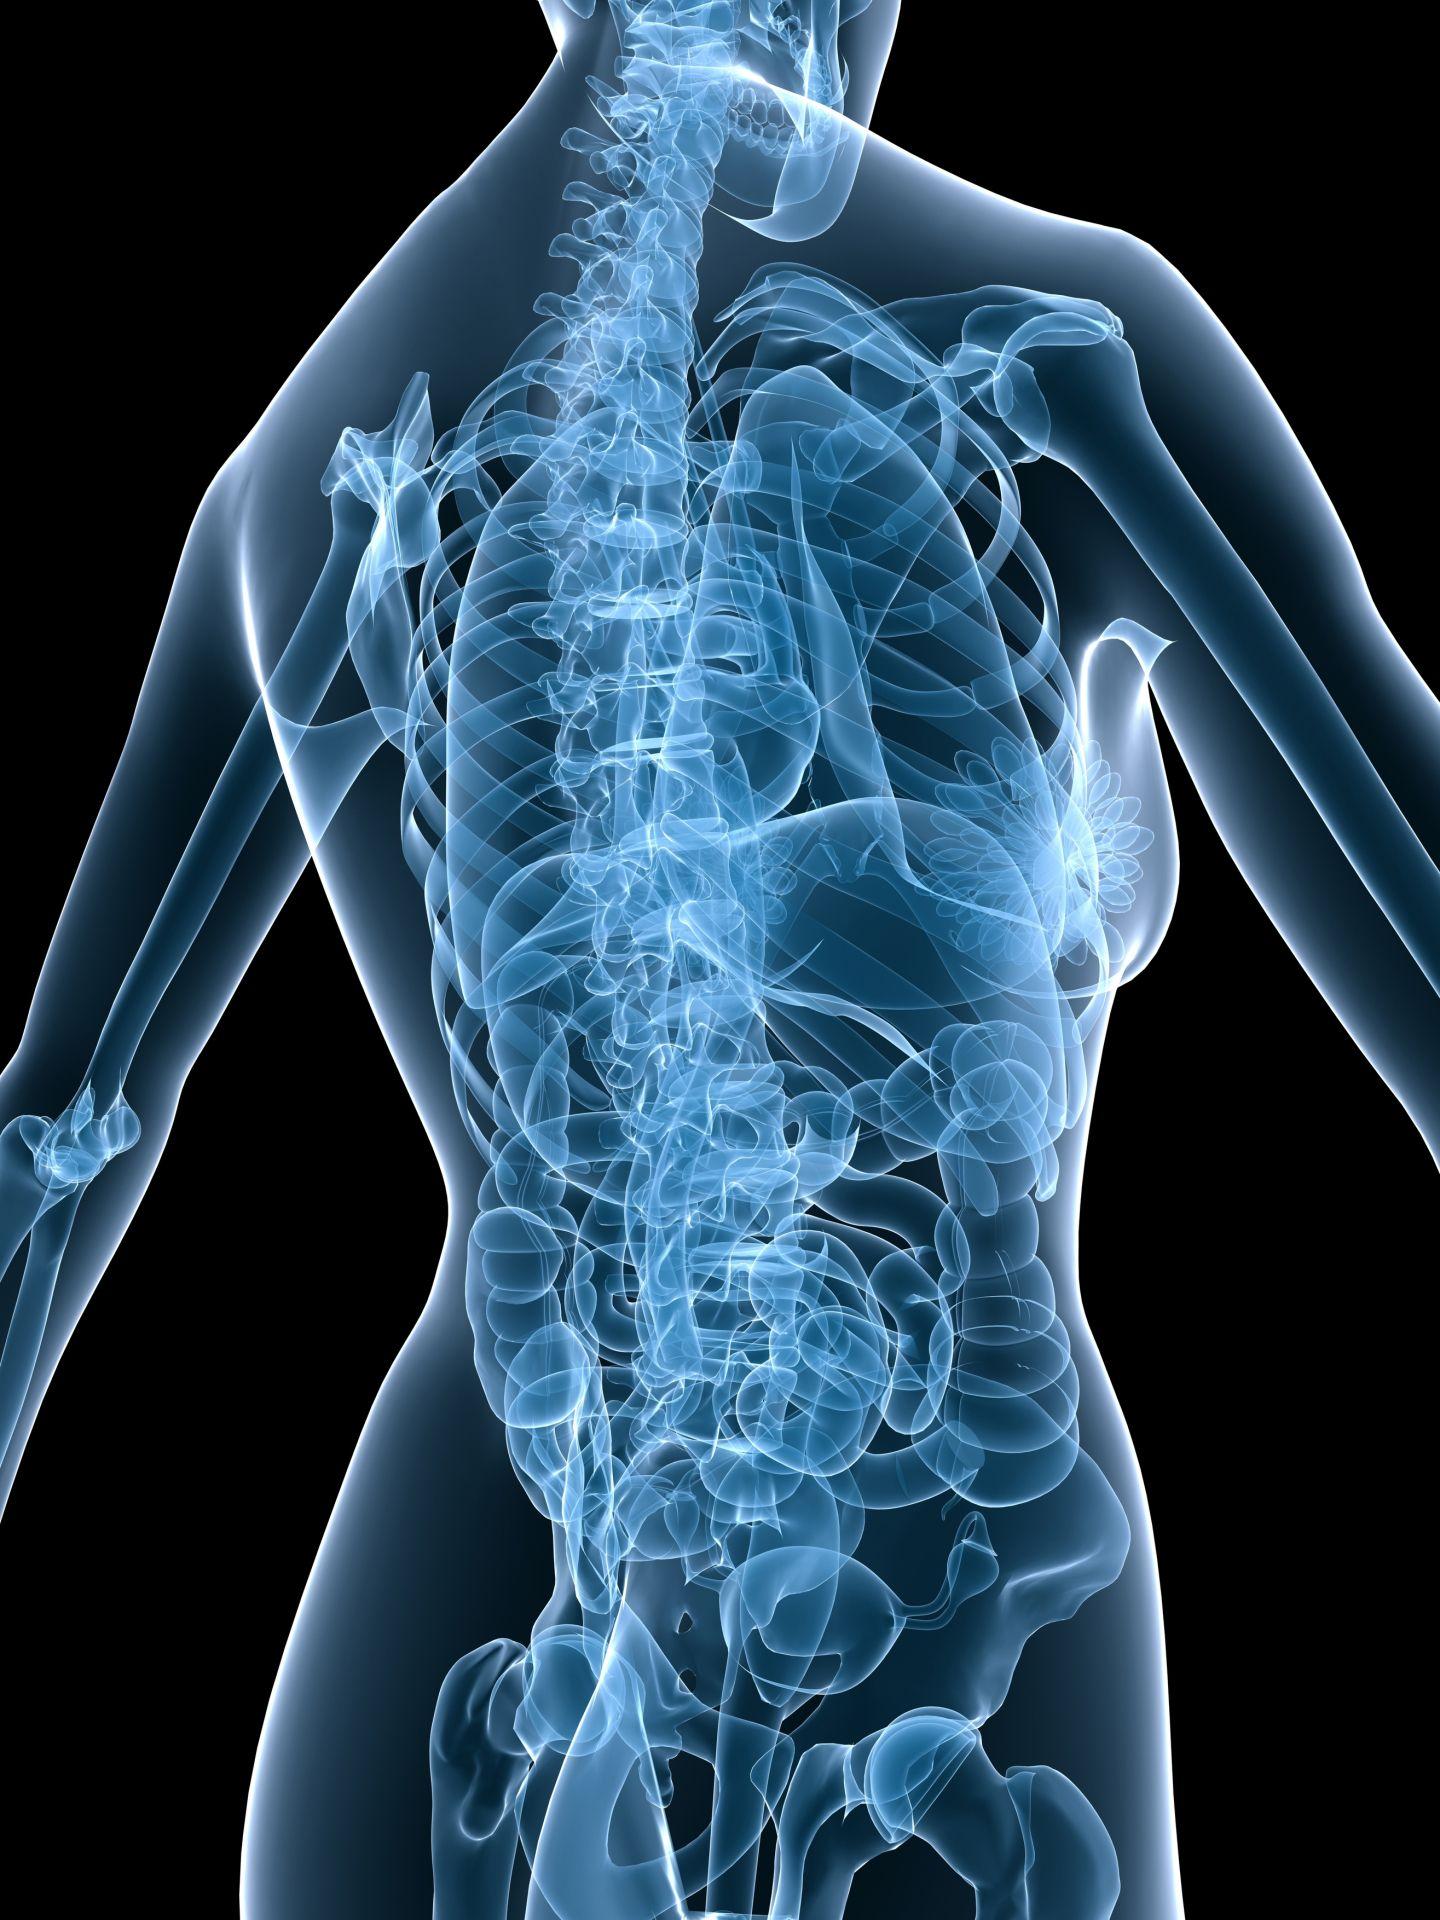 Nilkkamurtuma ja osteoporoosi